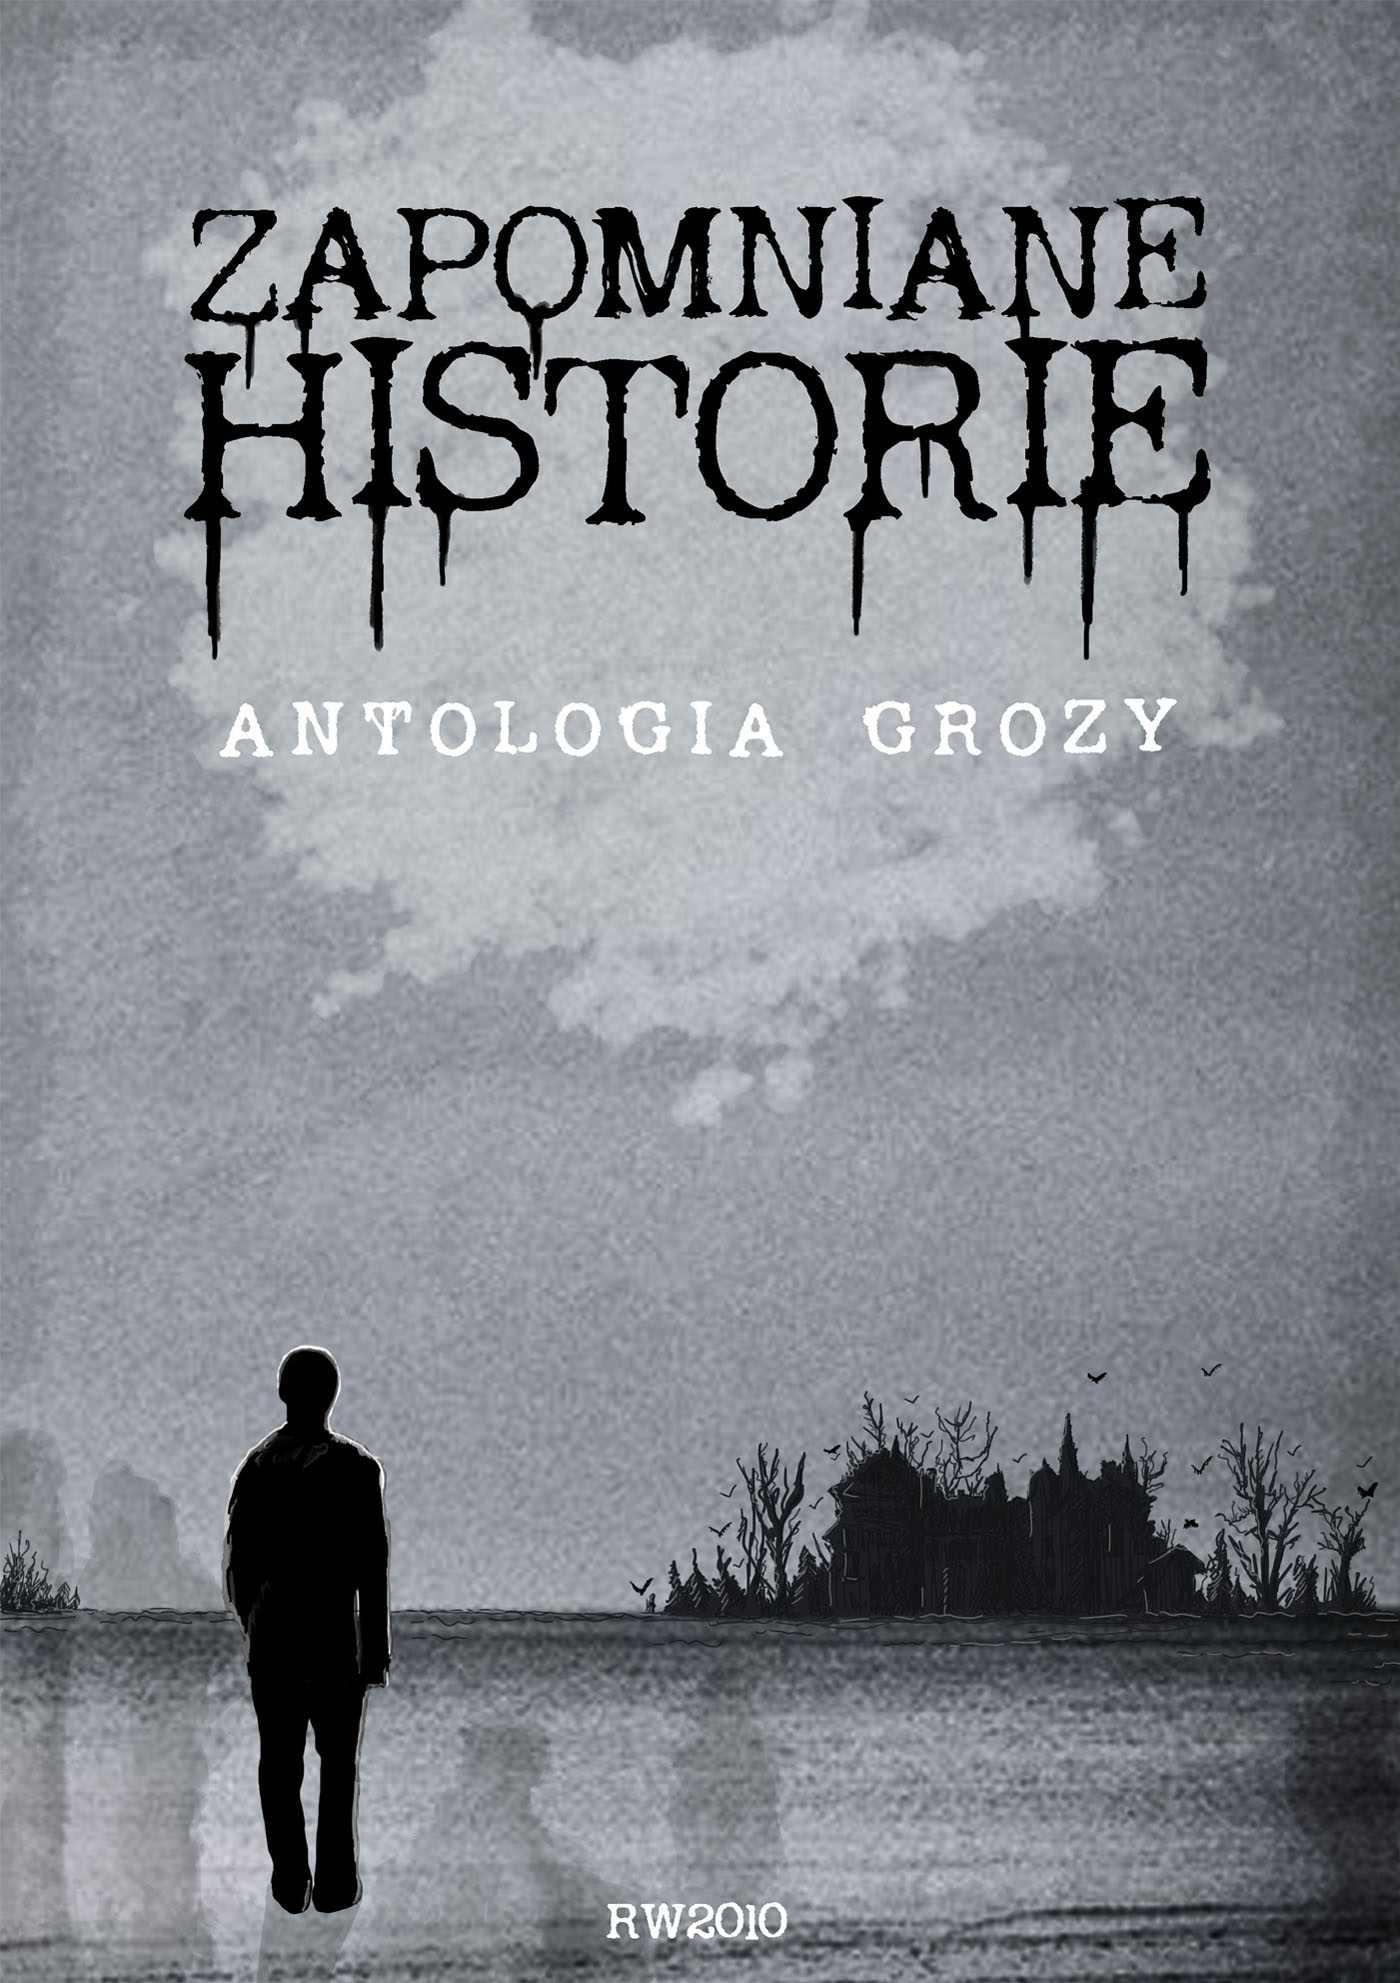 Zapomniane historie - Ebook (Książka EPUB) do pobrania w formacie EPUB